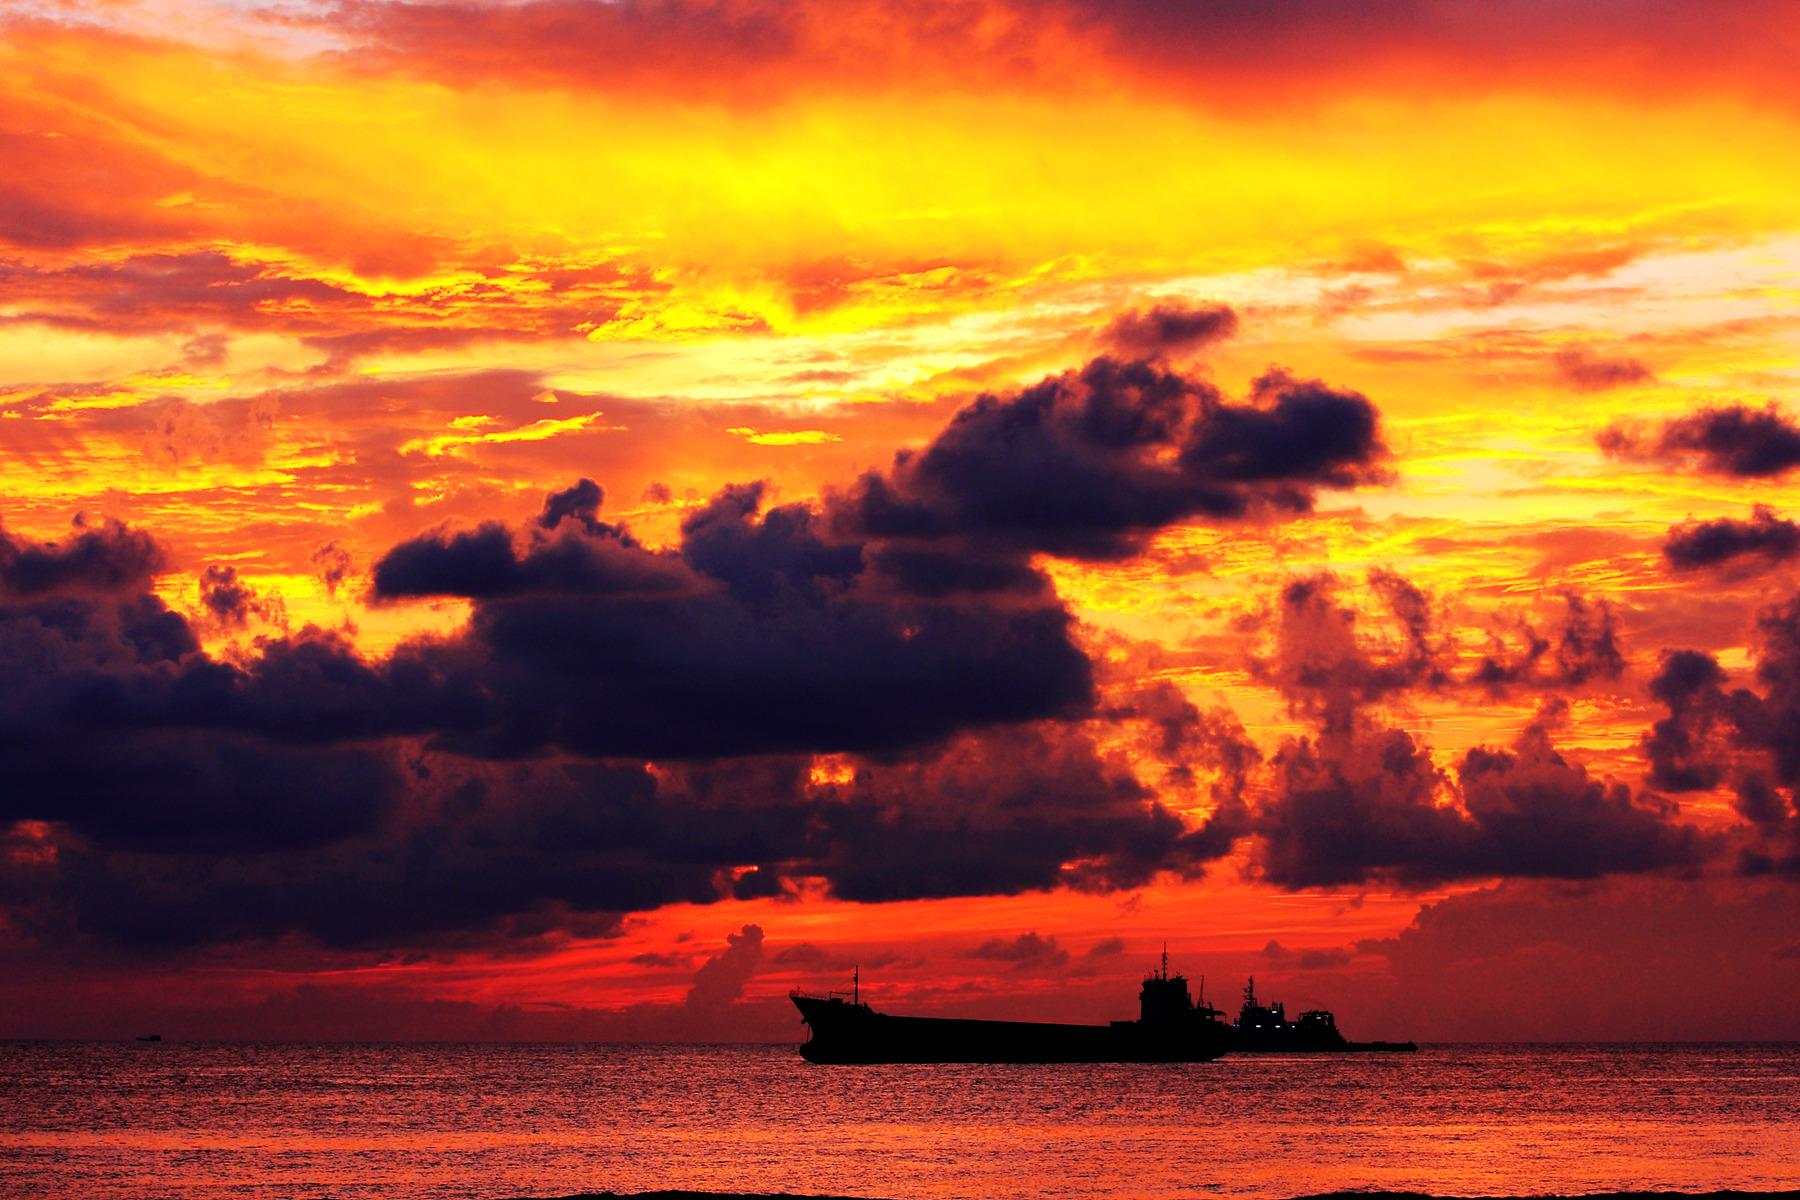 南极翁作品:日落海面红霞飞